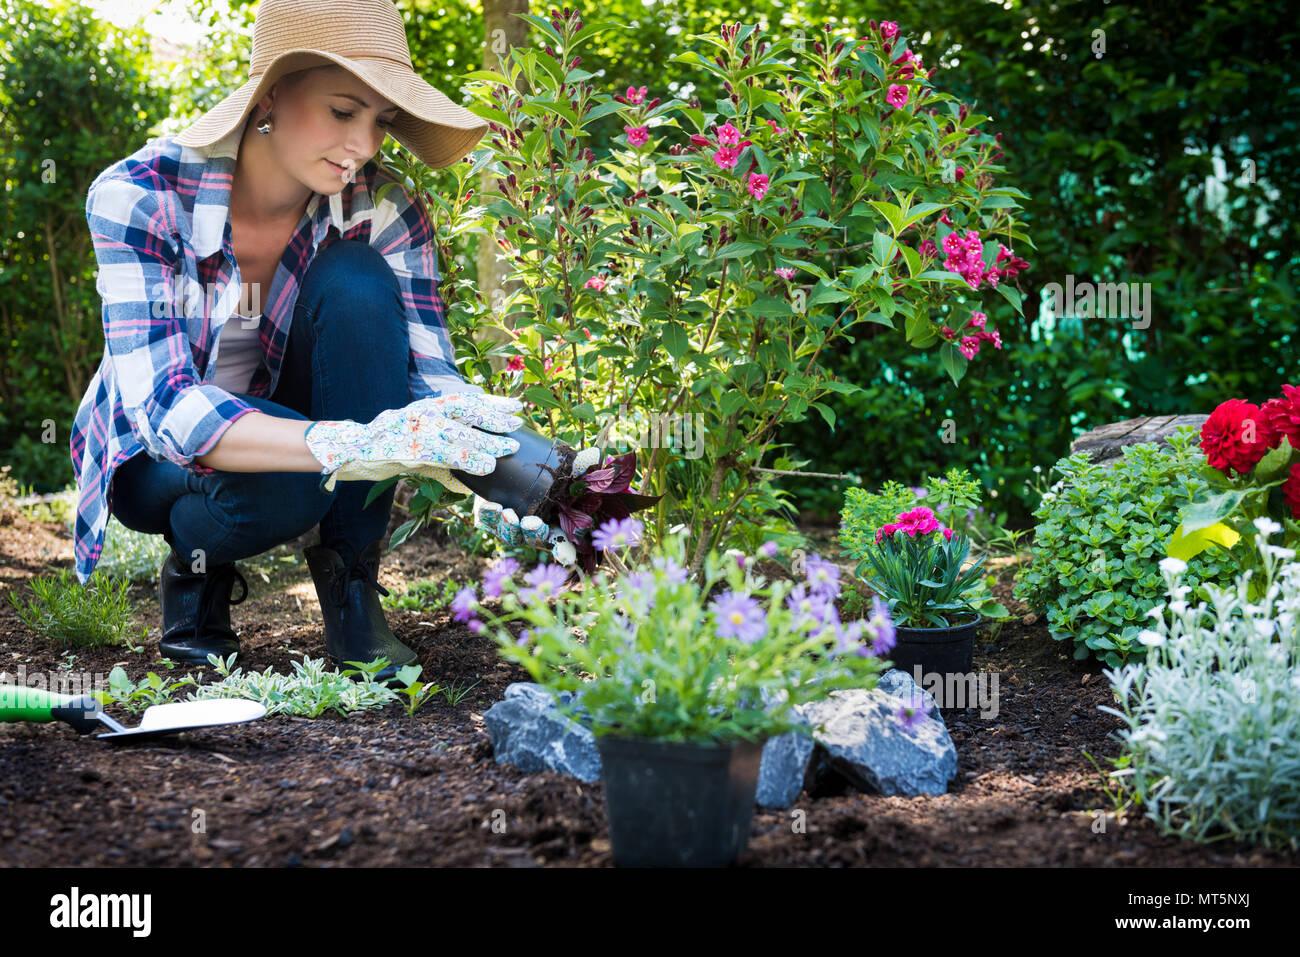 Belle femme gardener in planter des fleurs dans son jardin. Concept de jardinage. Aménagement paysager jardin propriétaire de petite entreprise. Photo Stock